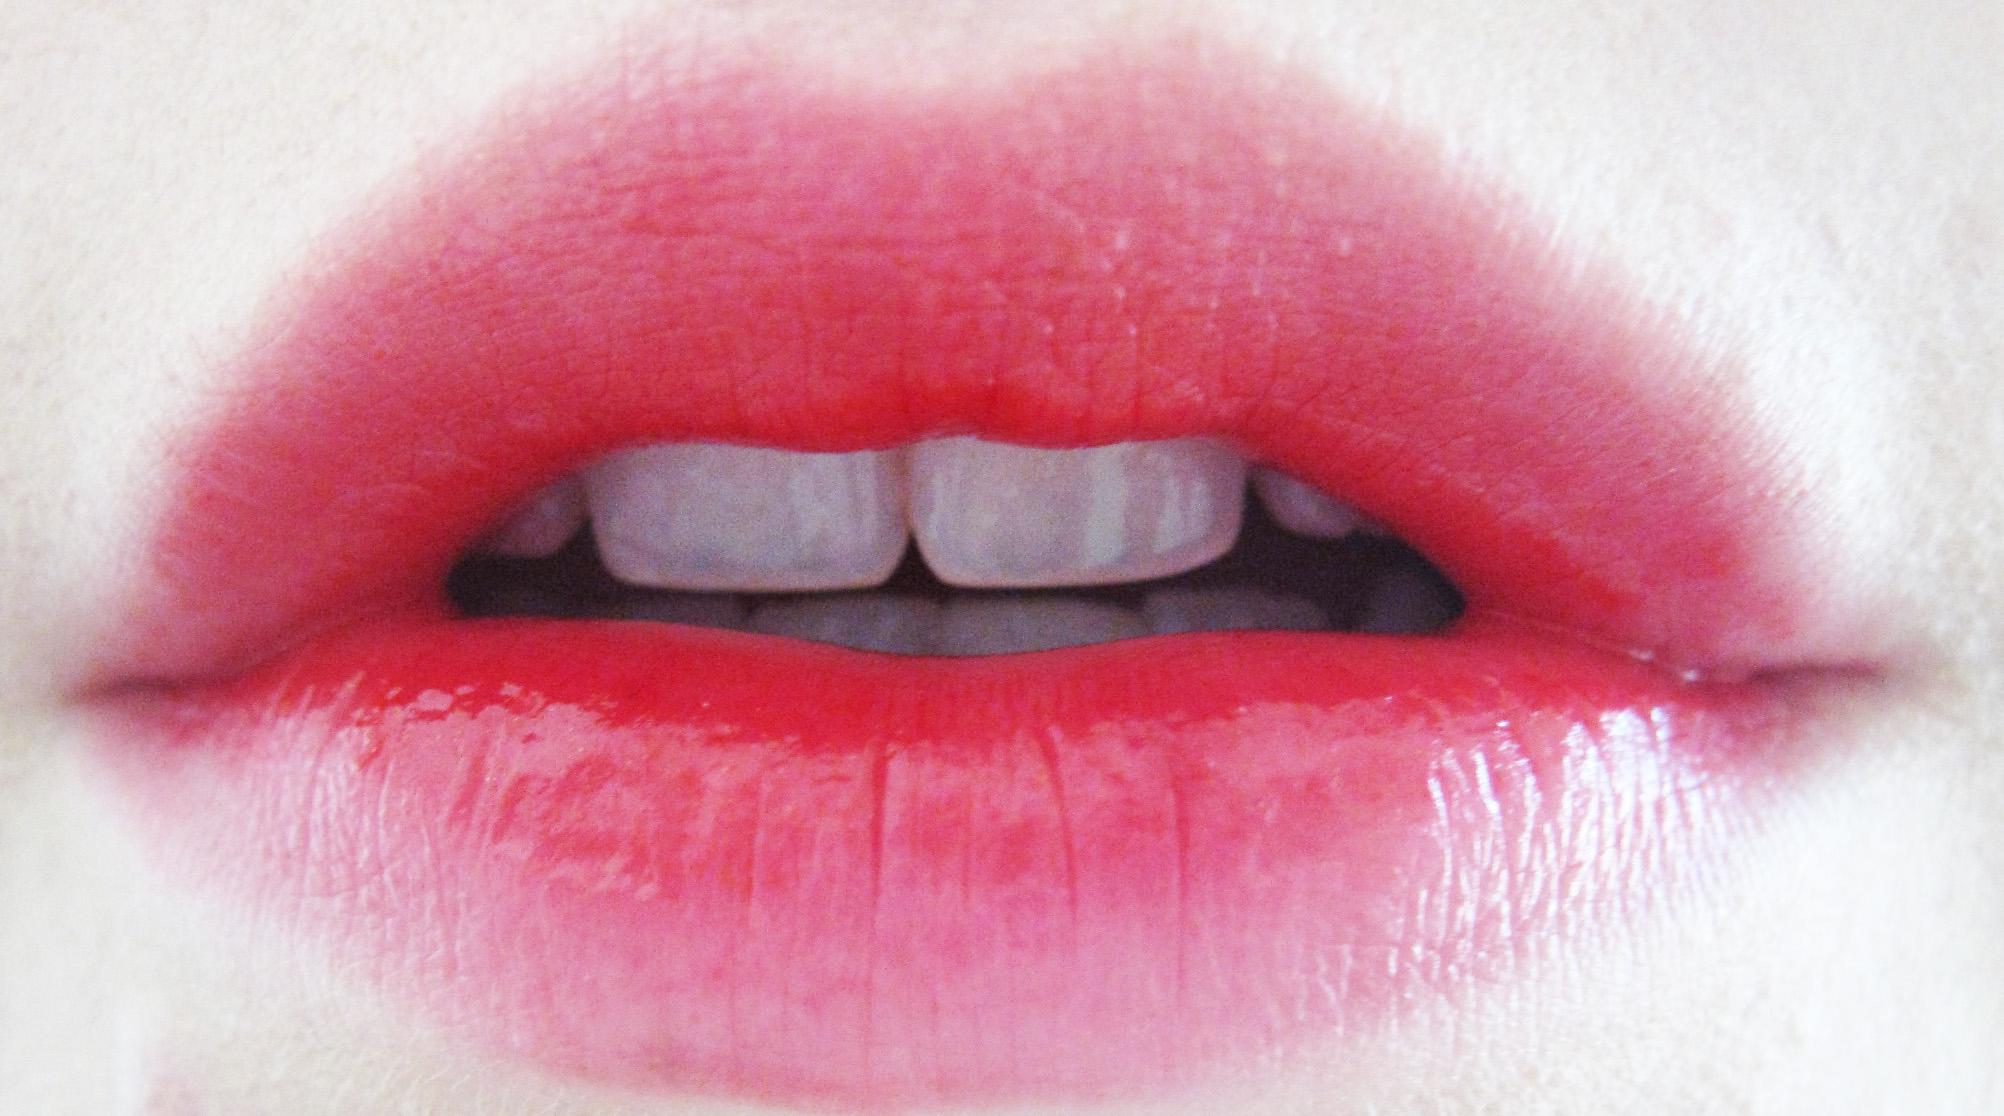 У меня красные губы как сделать их бледнее